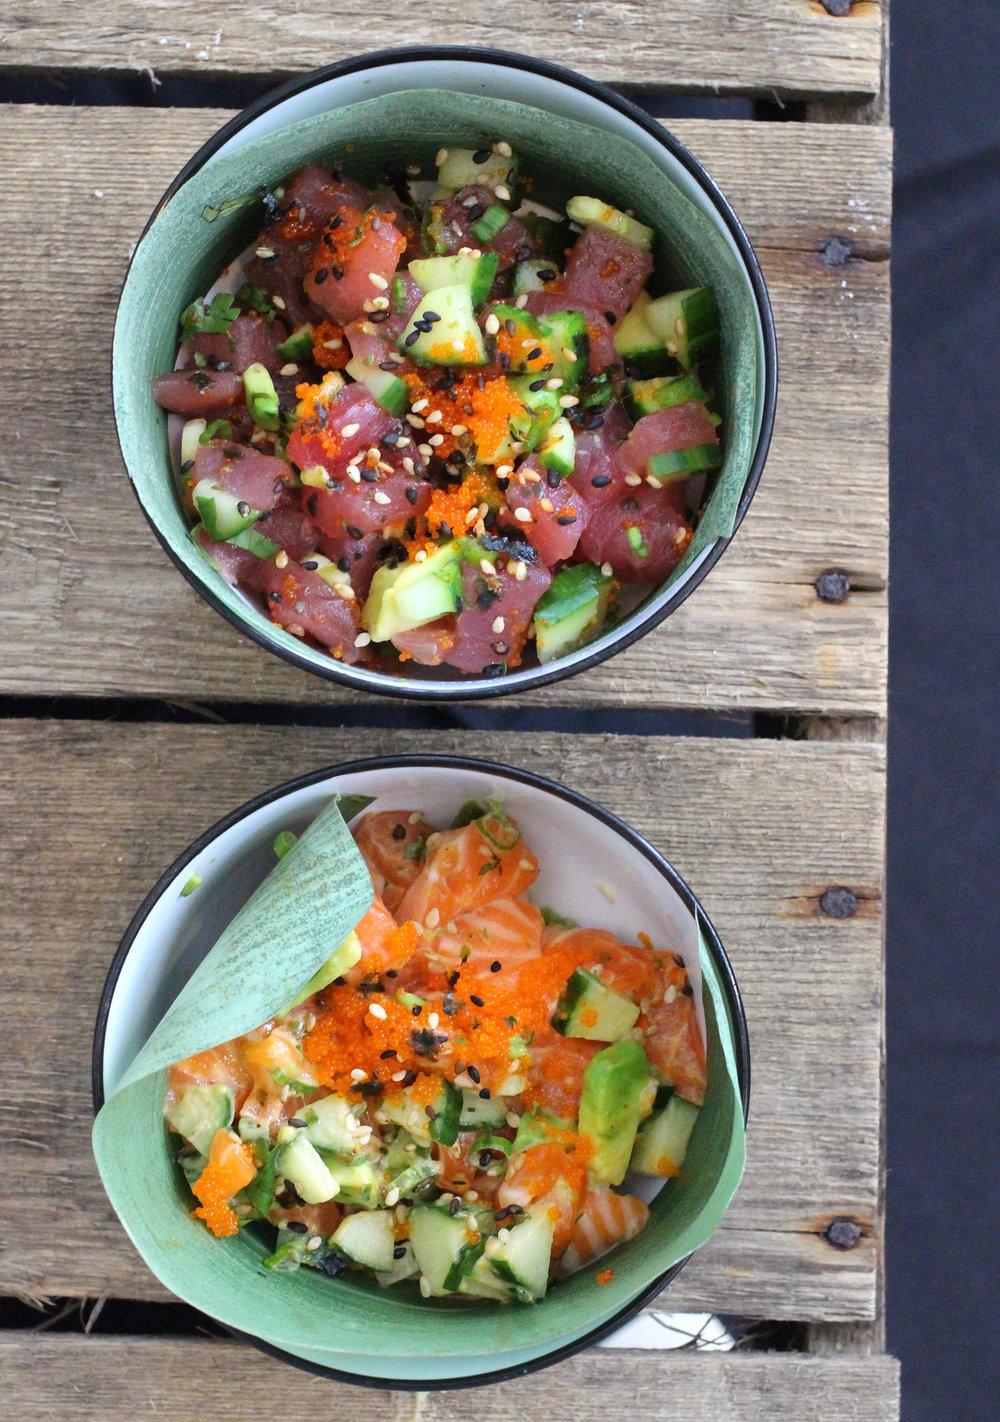 Sushi Station's Poke Bowls